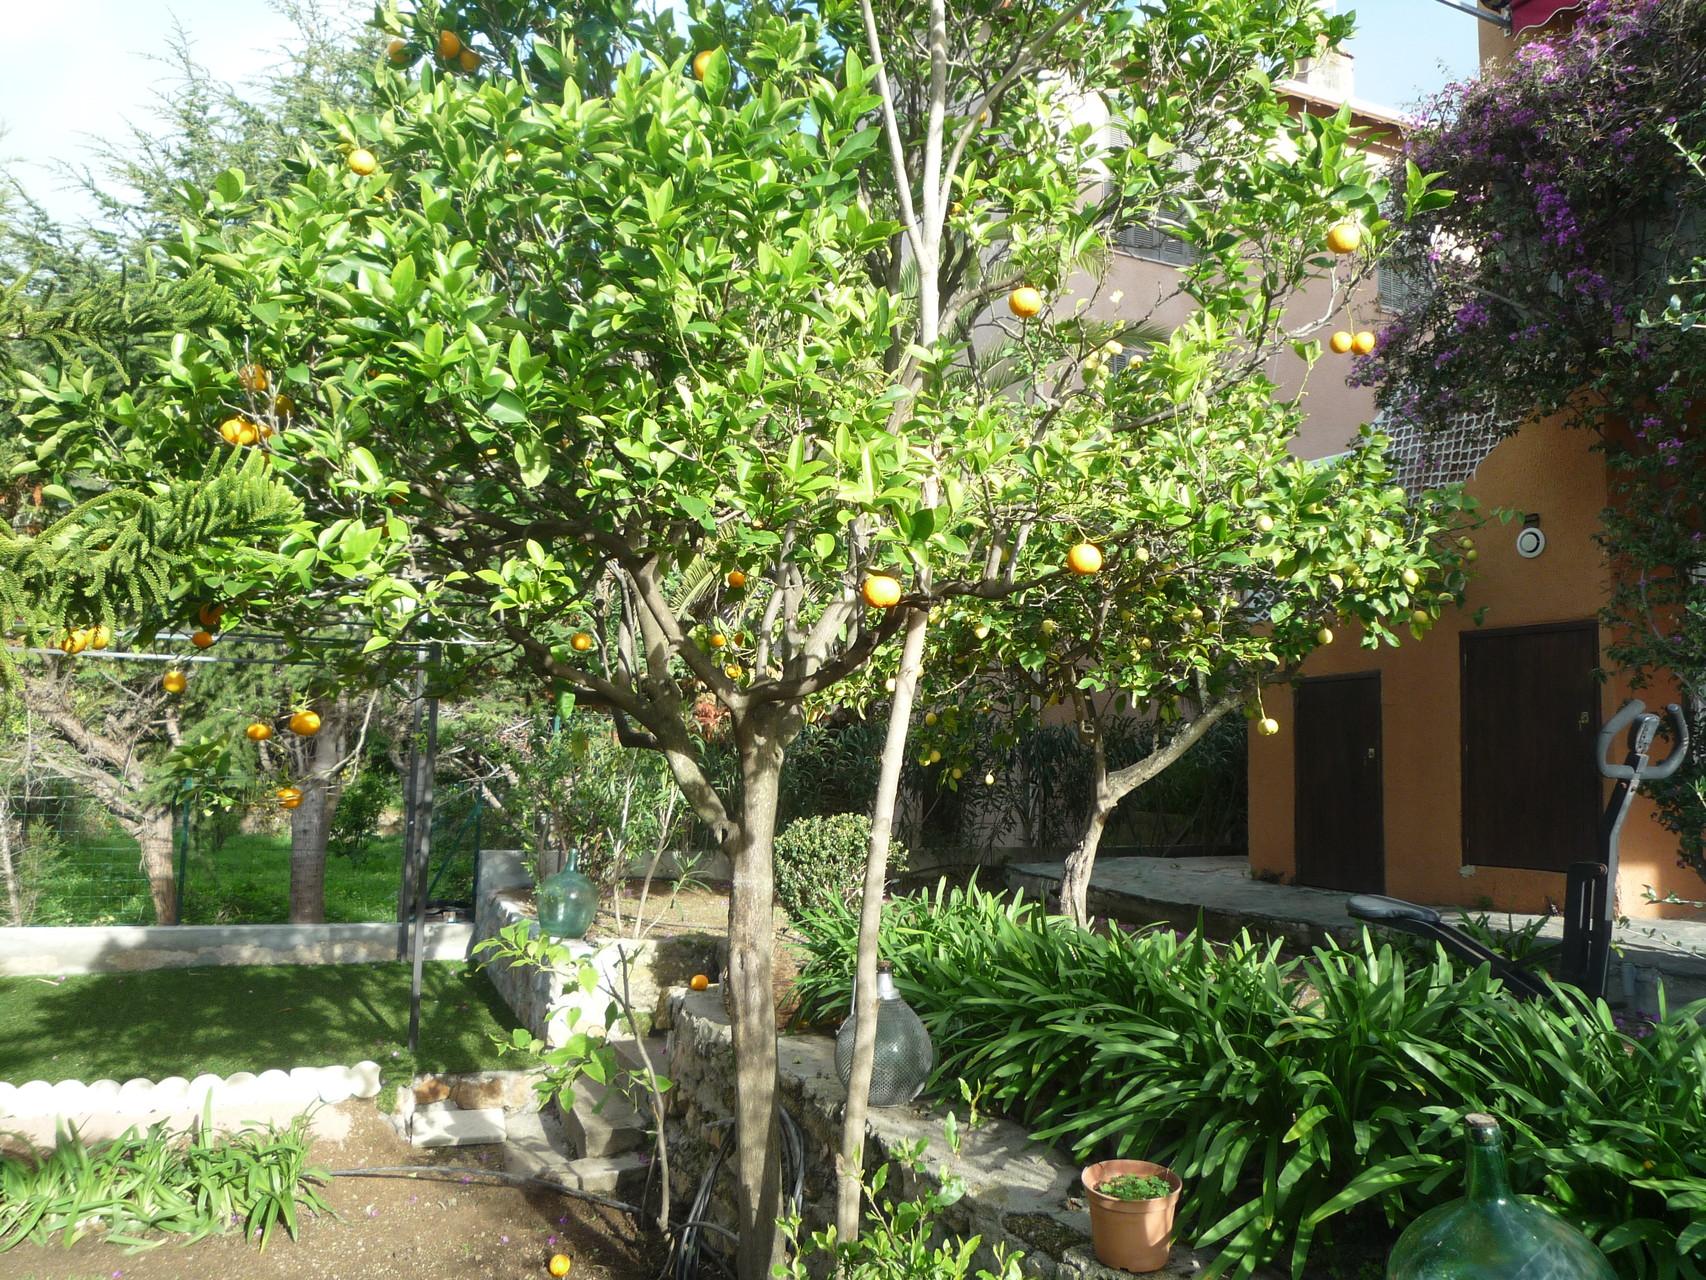 vue du citronnier dans le jardin - la maison de Ninette -